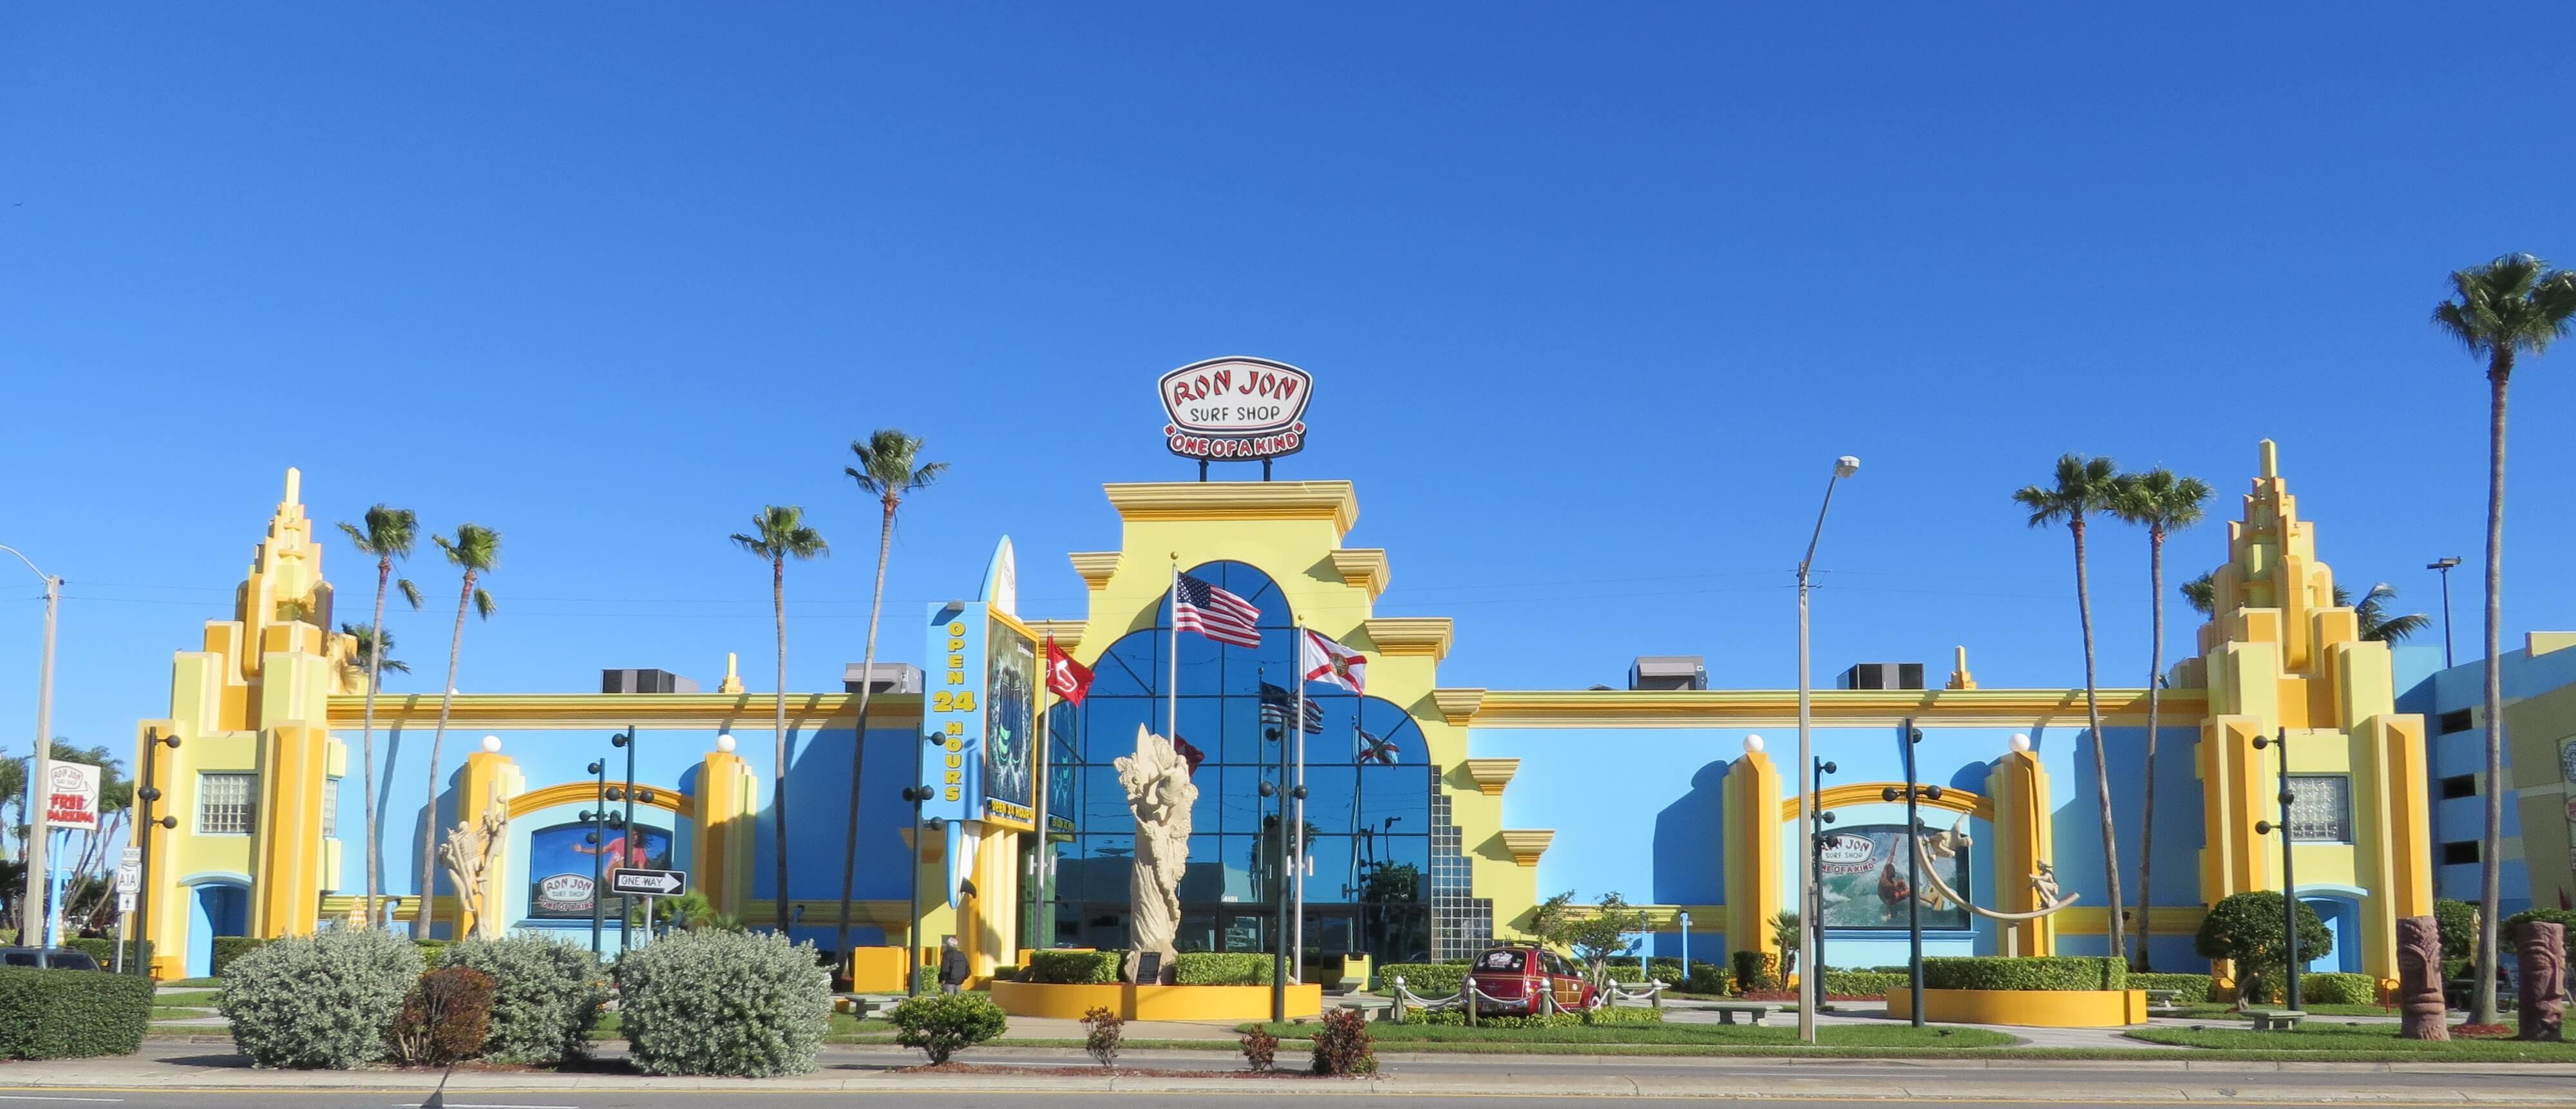 O que fazer em Cocoa Beach: Ron Jon Surf Shop